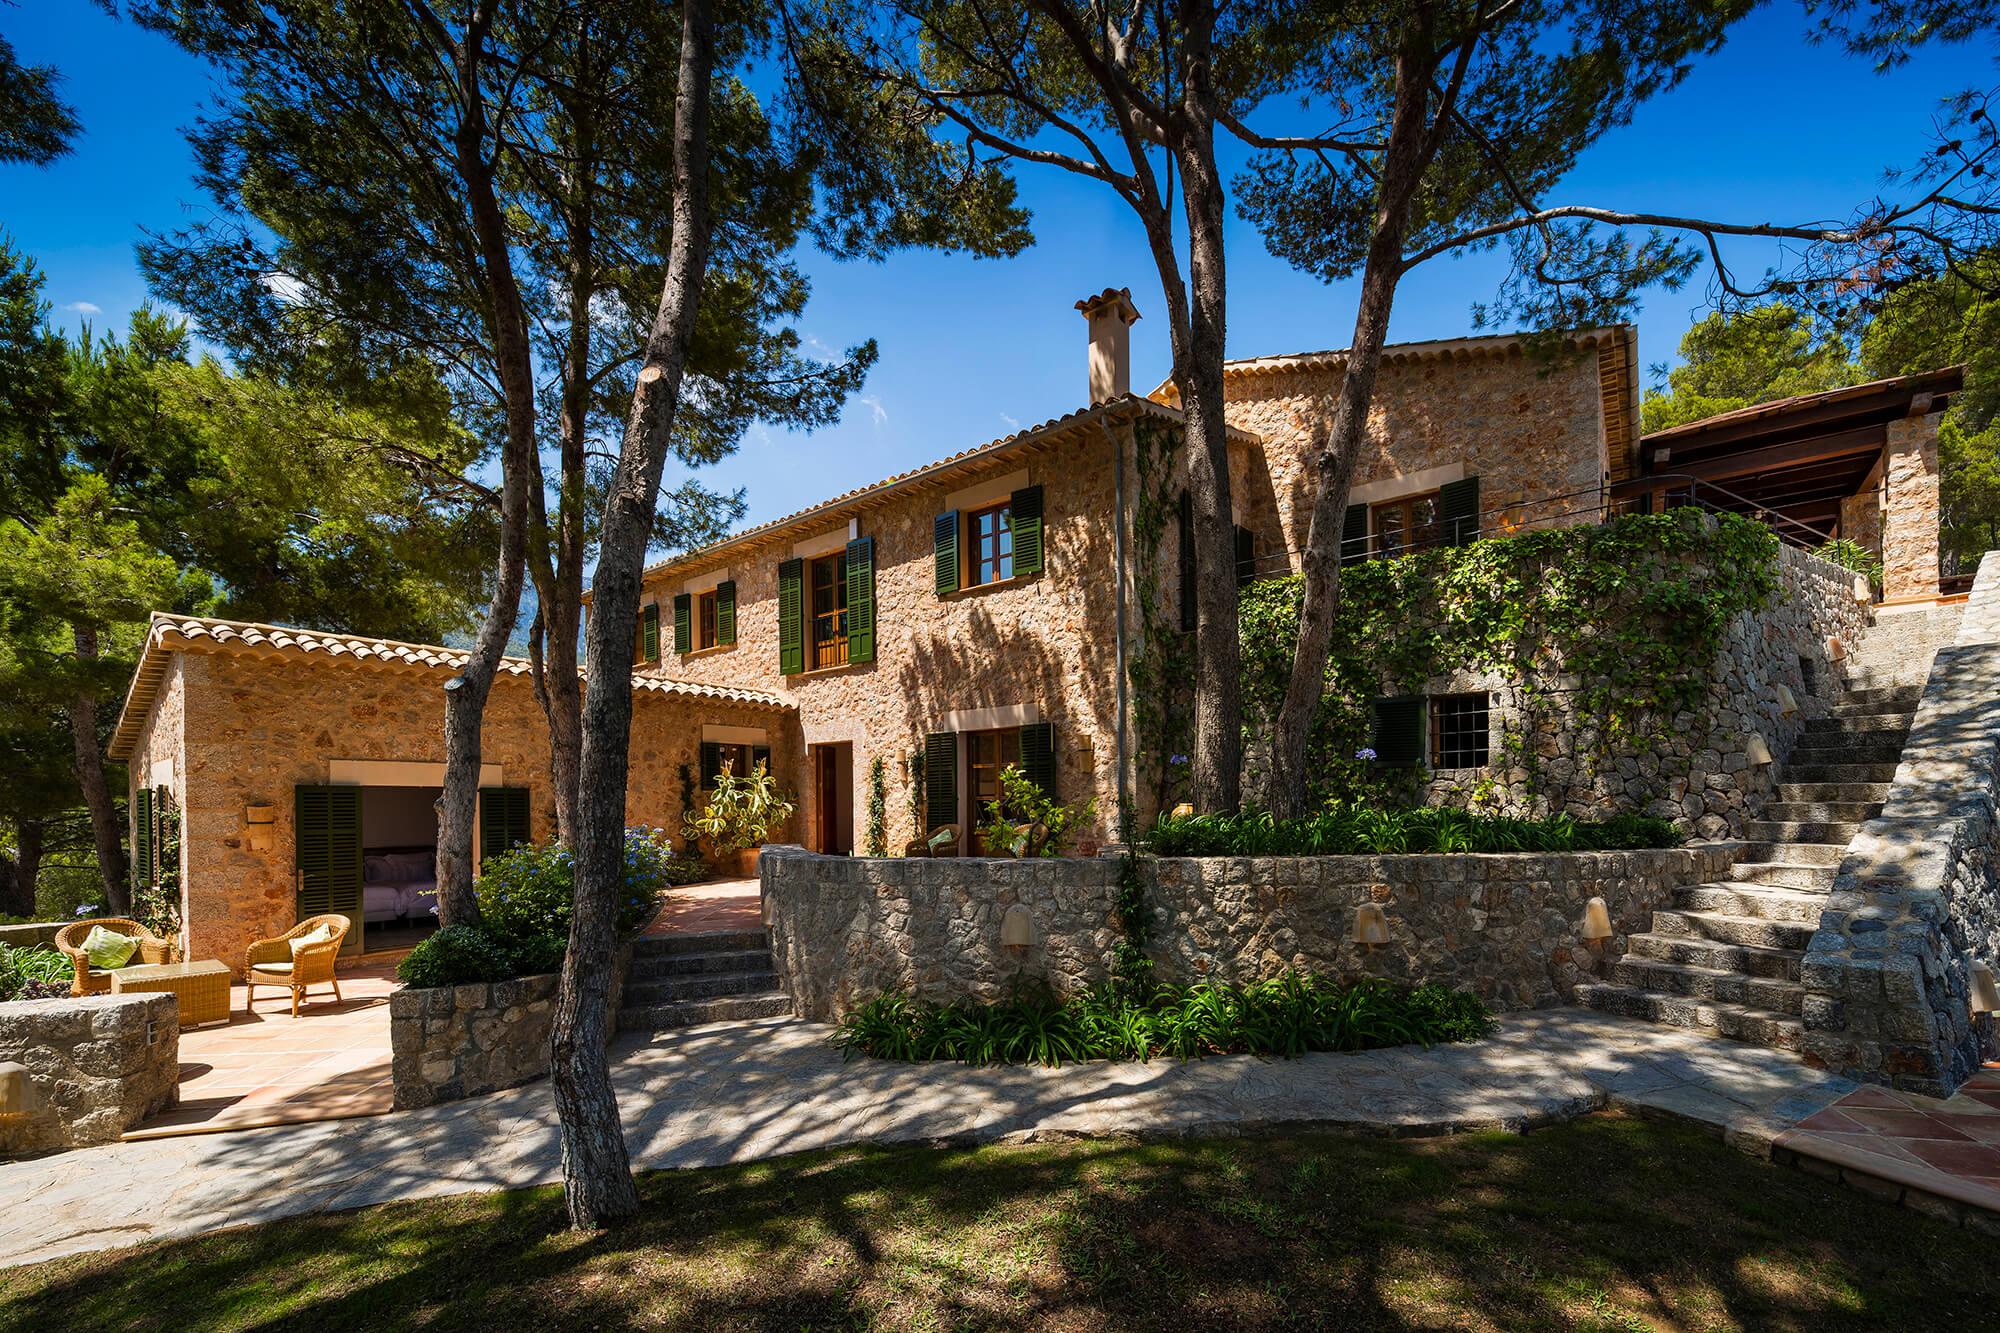 The beautiful Sa Punta Villa